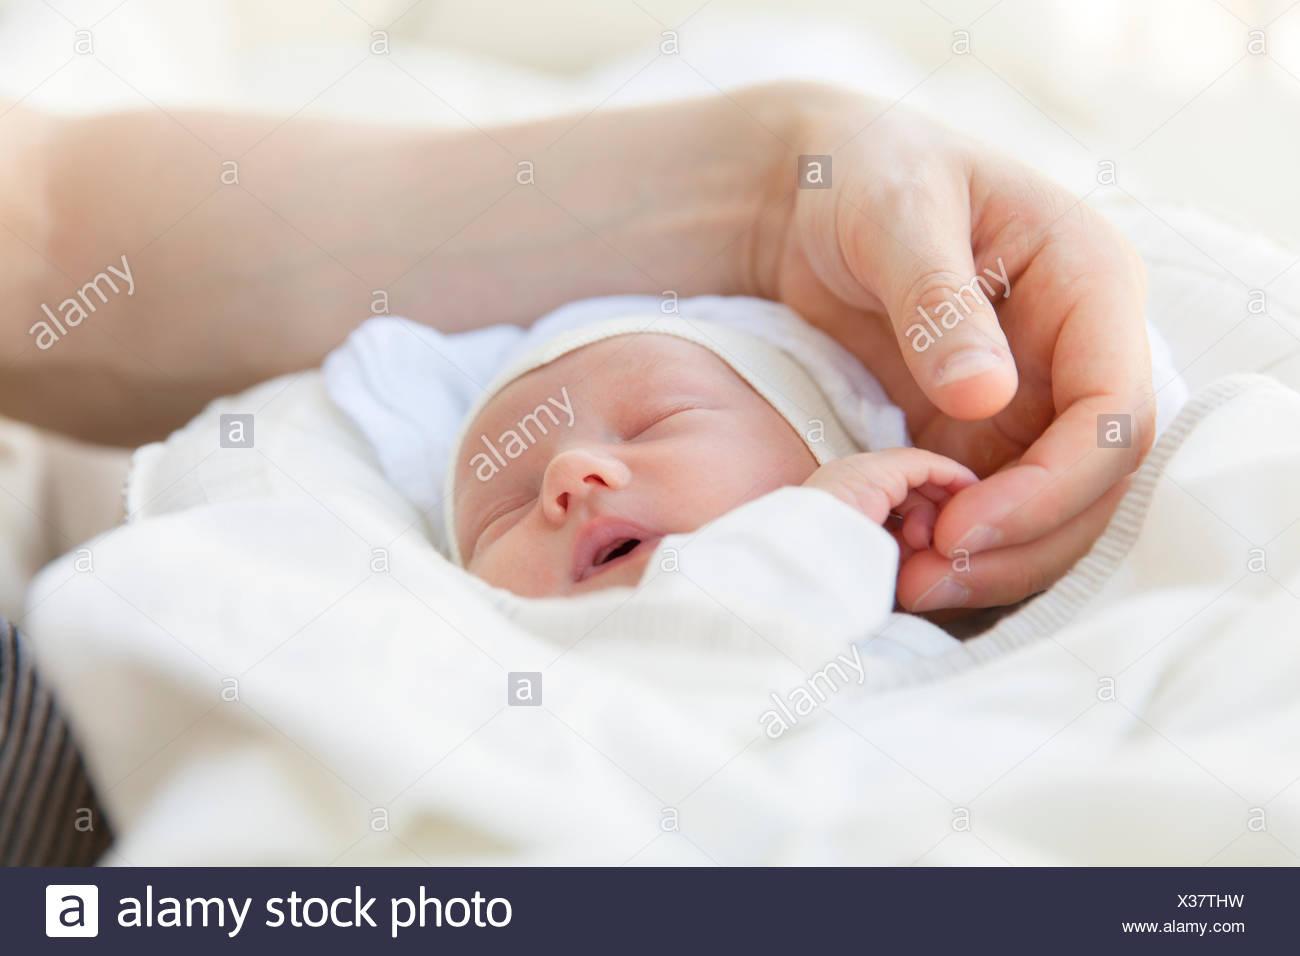 Suecia, cerca de padre sosteniendo la mano de bebé Imagen De Stock